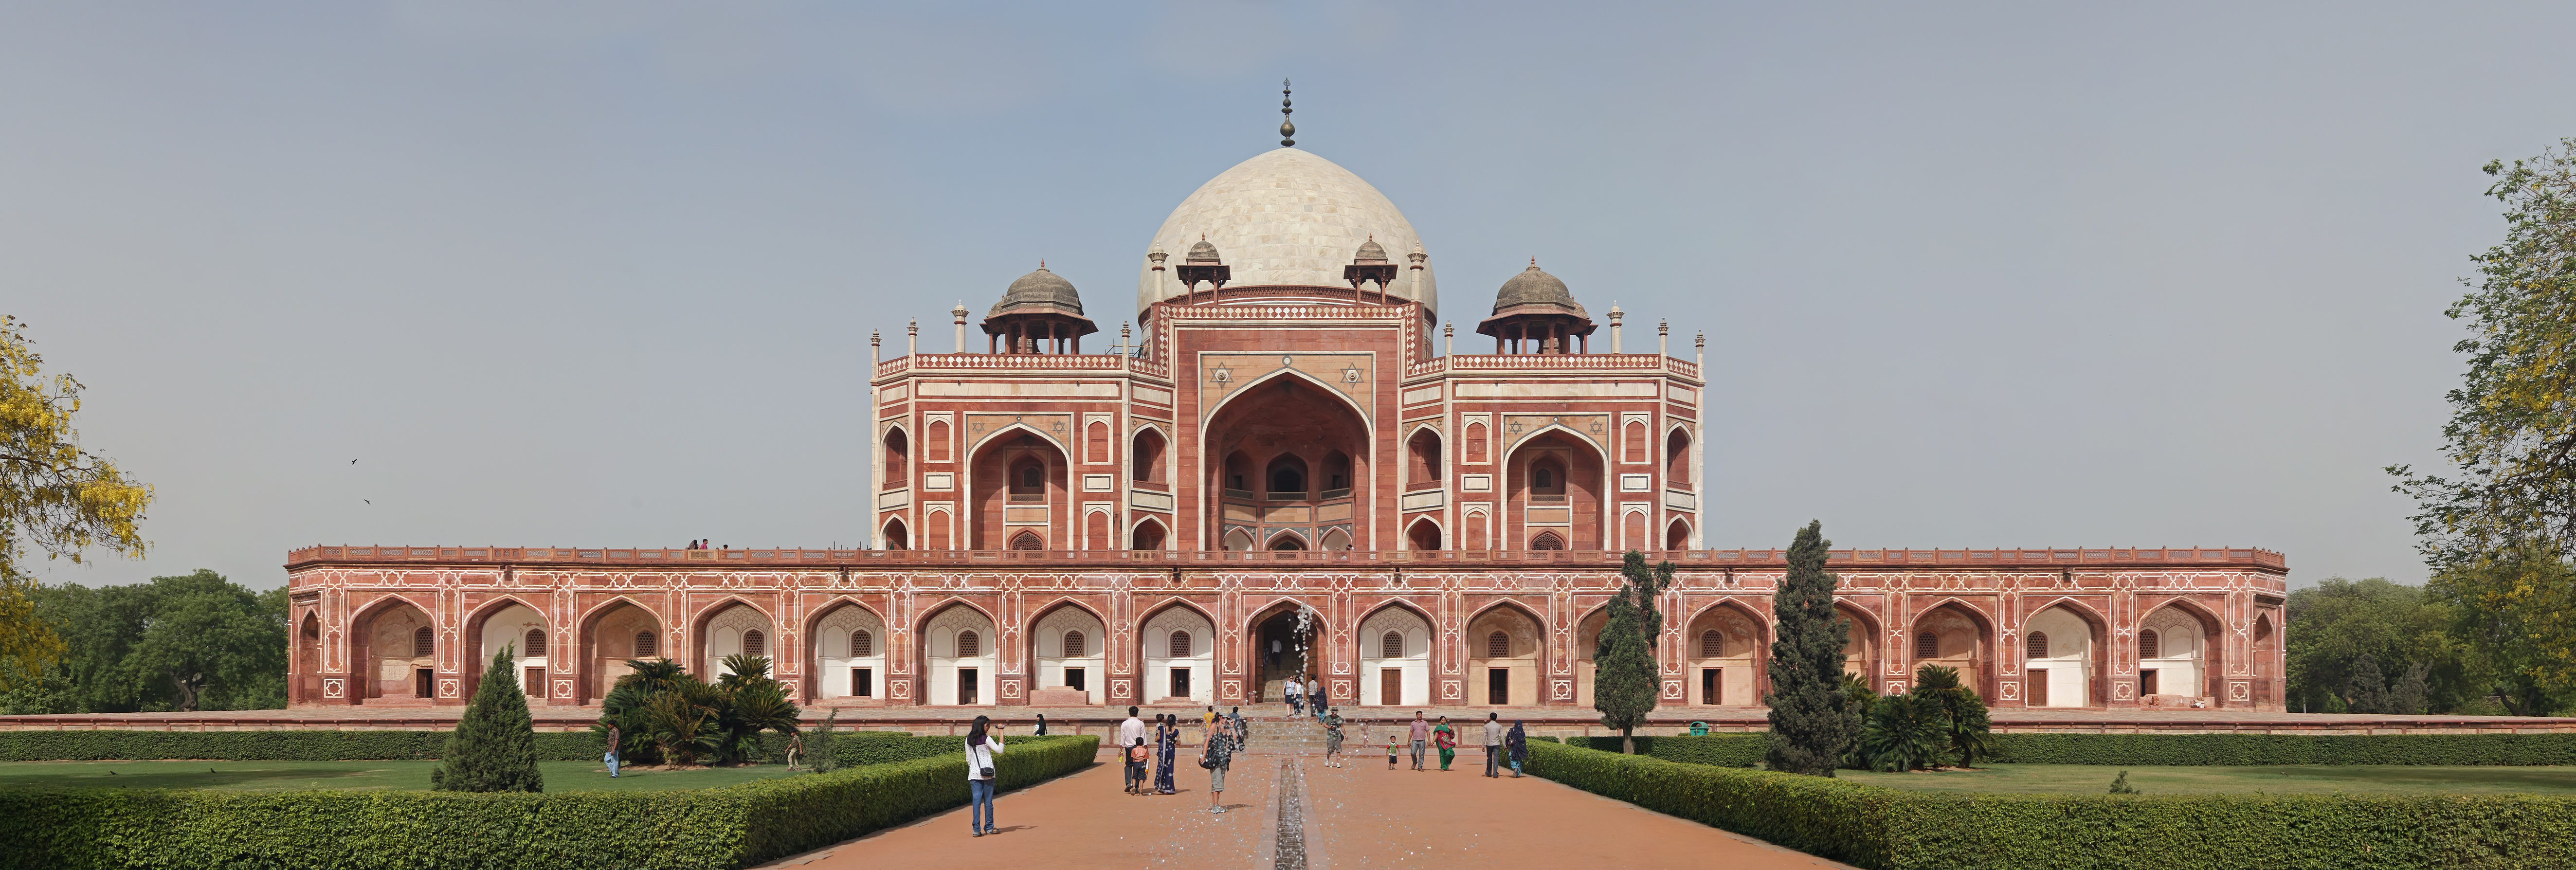 Delhi City Tour Youtube